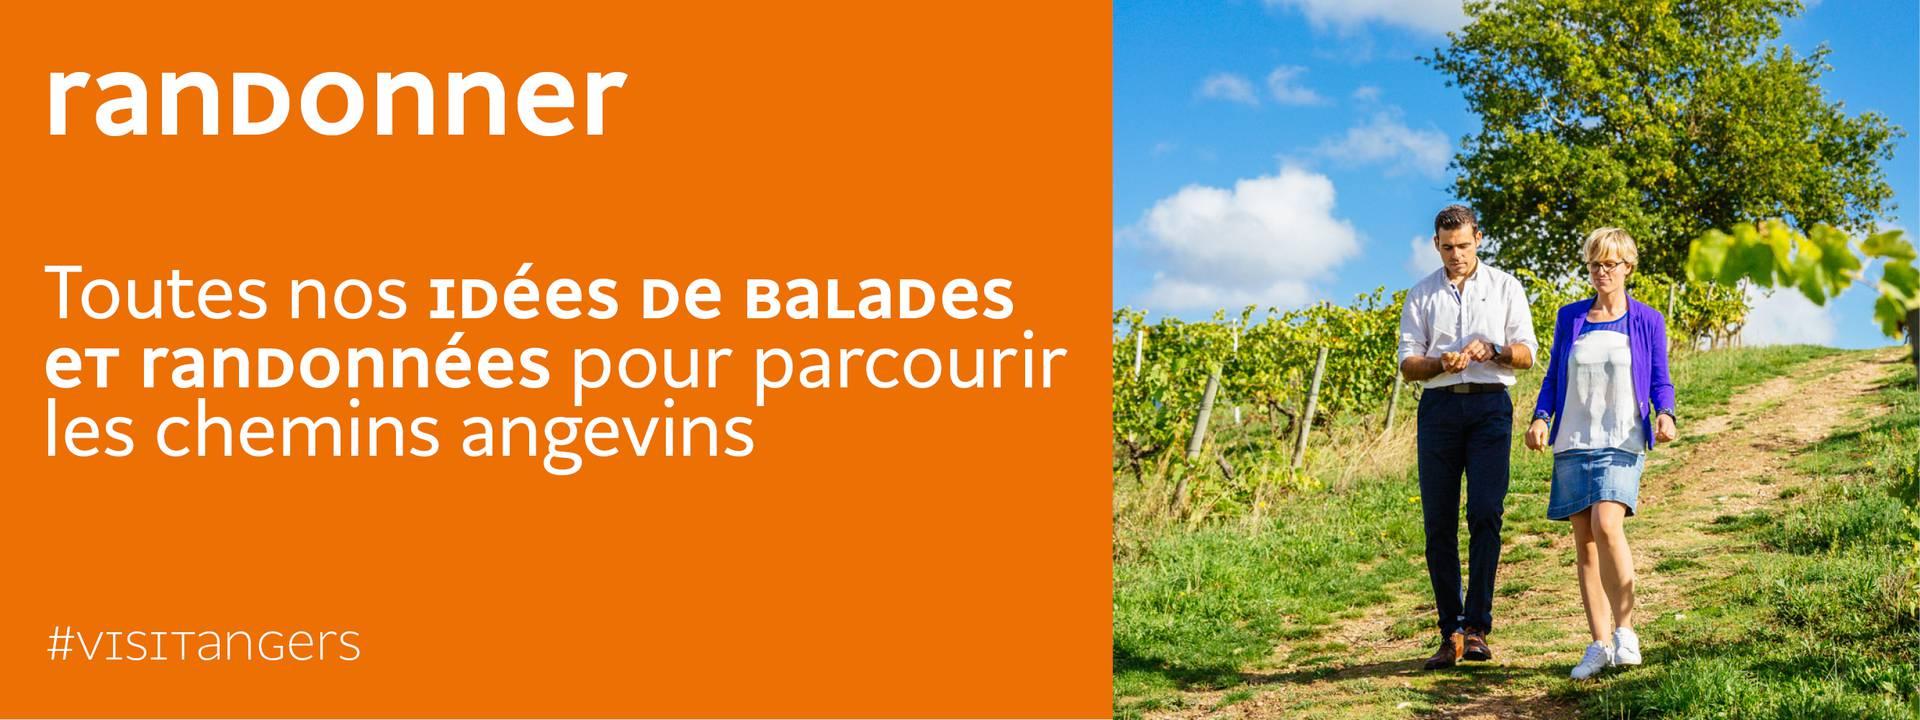 Publicité pour la randonnée à Angers